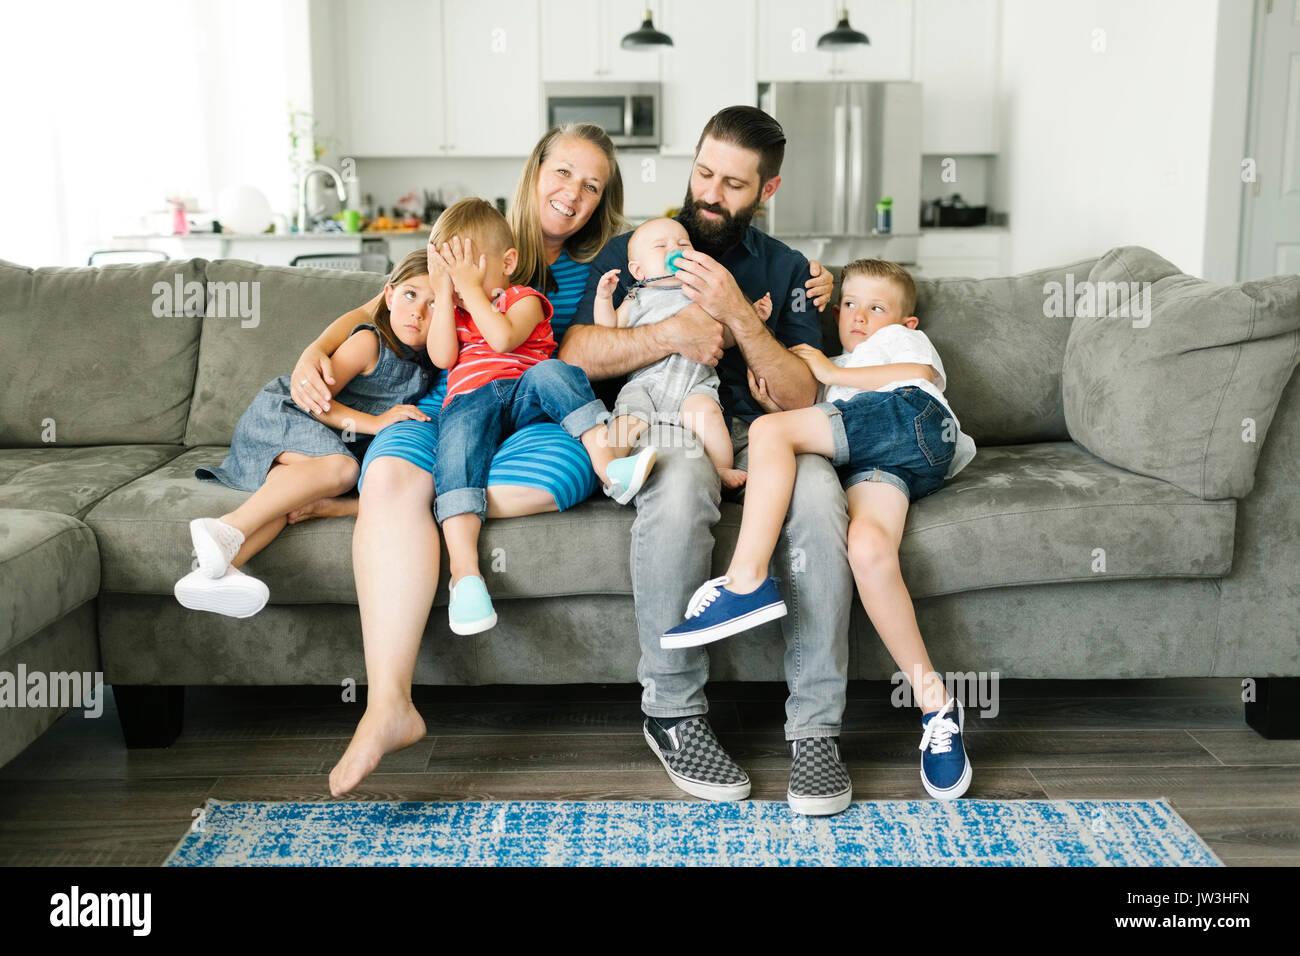 Famiglia con 4 bambini (6-11 mesi, 2-3, 6-7) trascorrere del tempo sul divano Immagini Stock